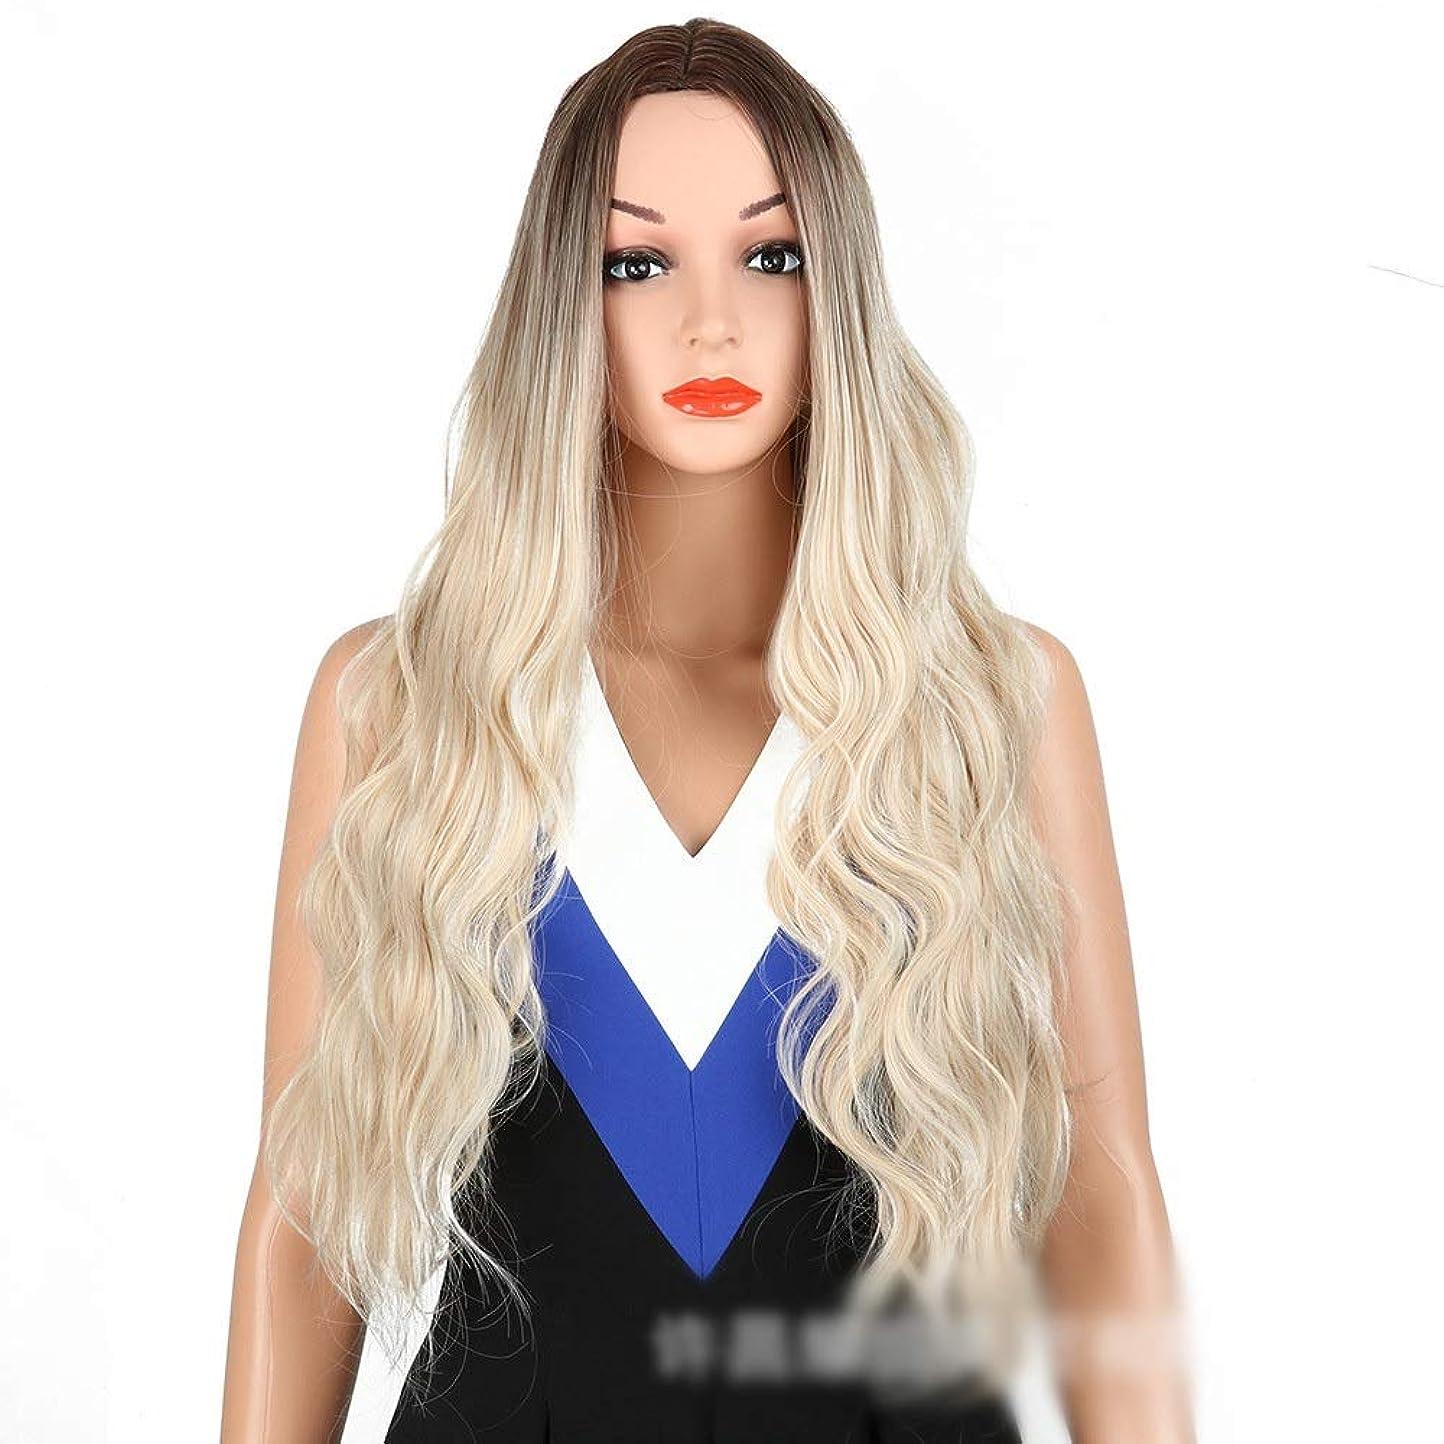 言語学エーカー忠実なWASAIO 女性のライトブロンドボディウェーブウィッグファッションロングカーリーヘアミドルパーツアクセサリー用スタイル交換ファイバー合成フリーキャップ付き (色 : Light blonde)